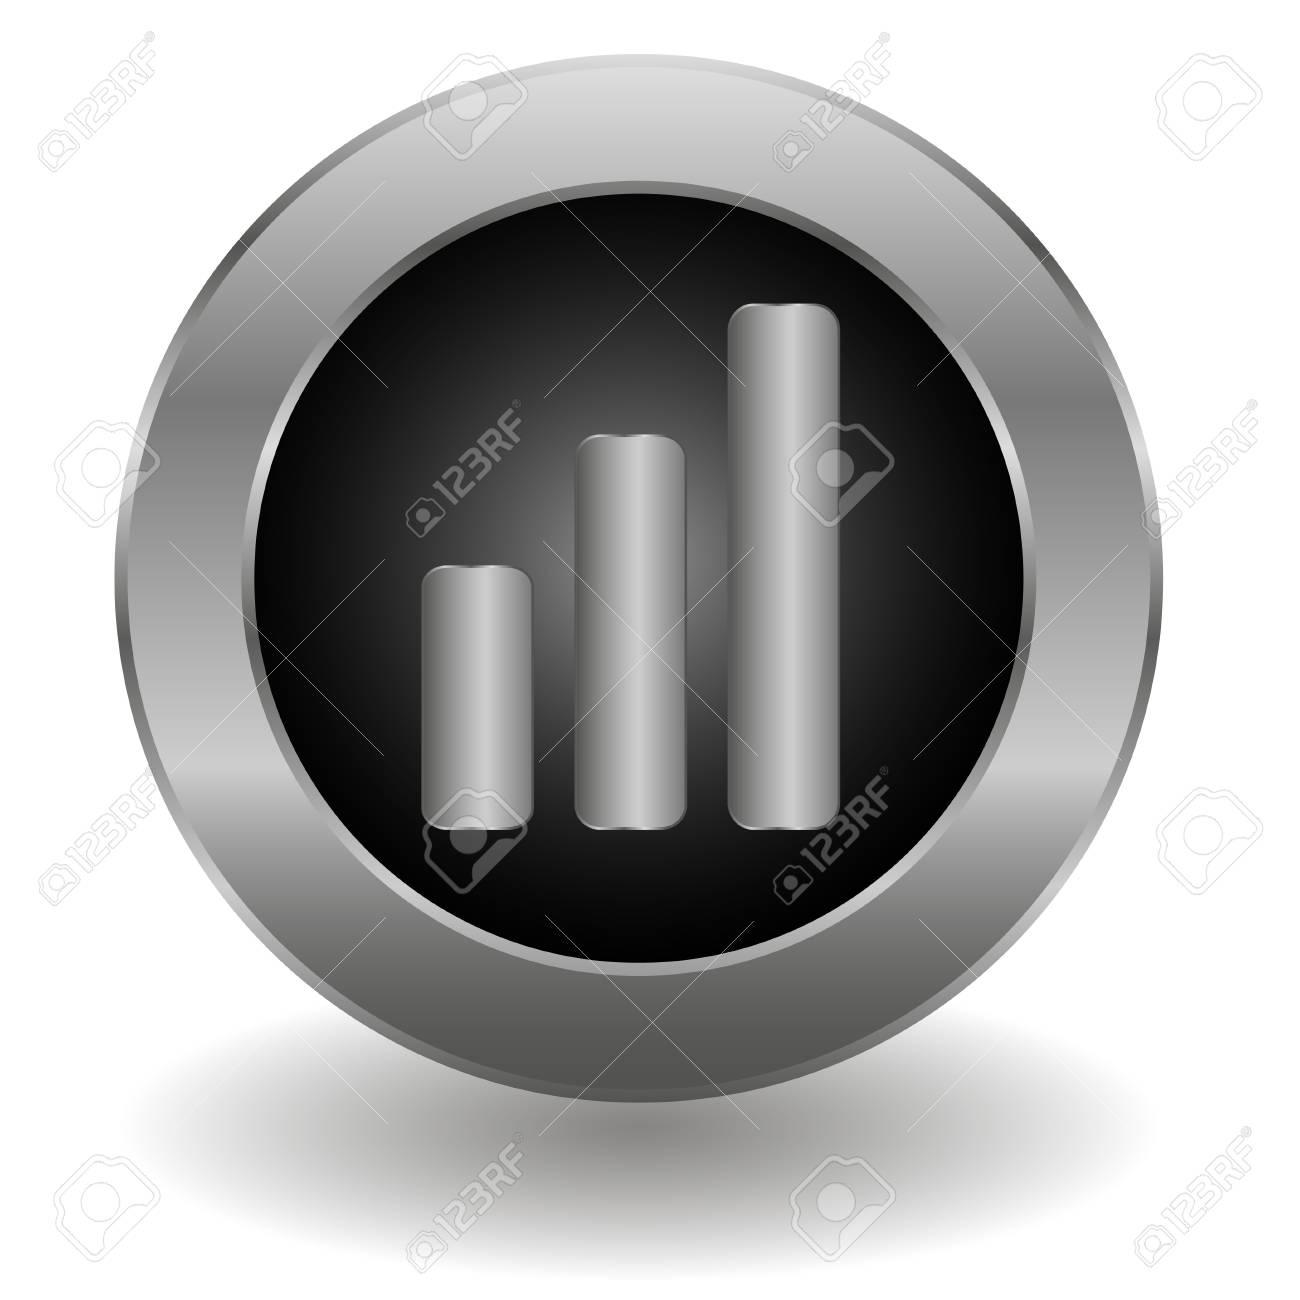 Metallic signal button Stock Vector - 19626480